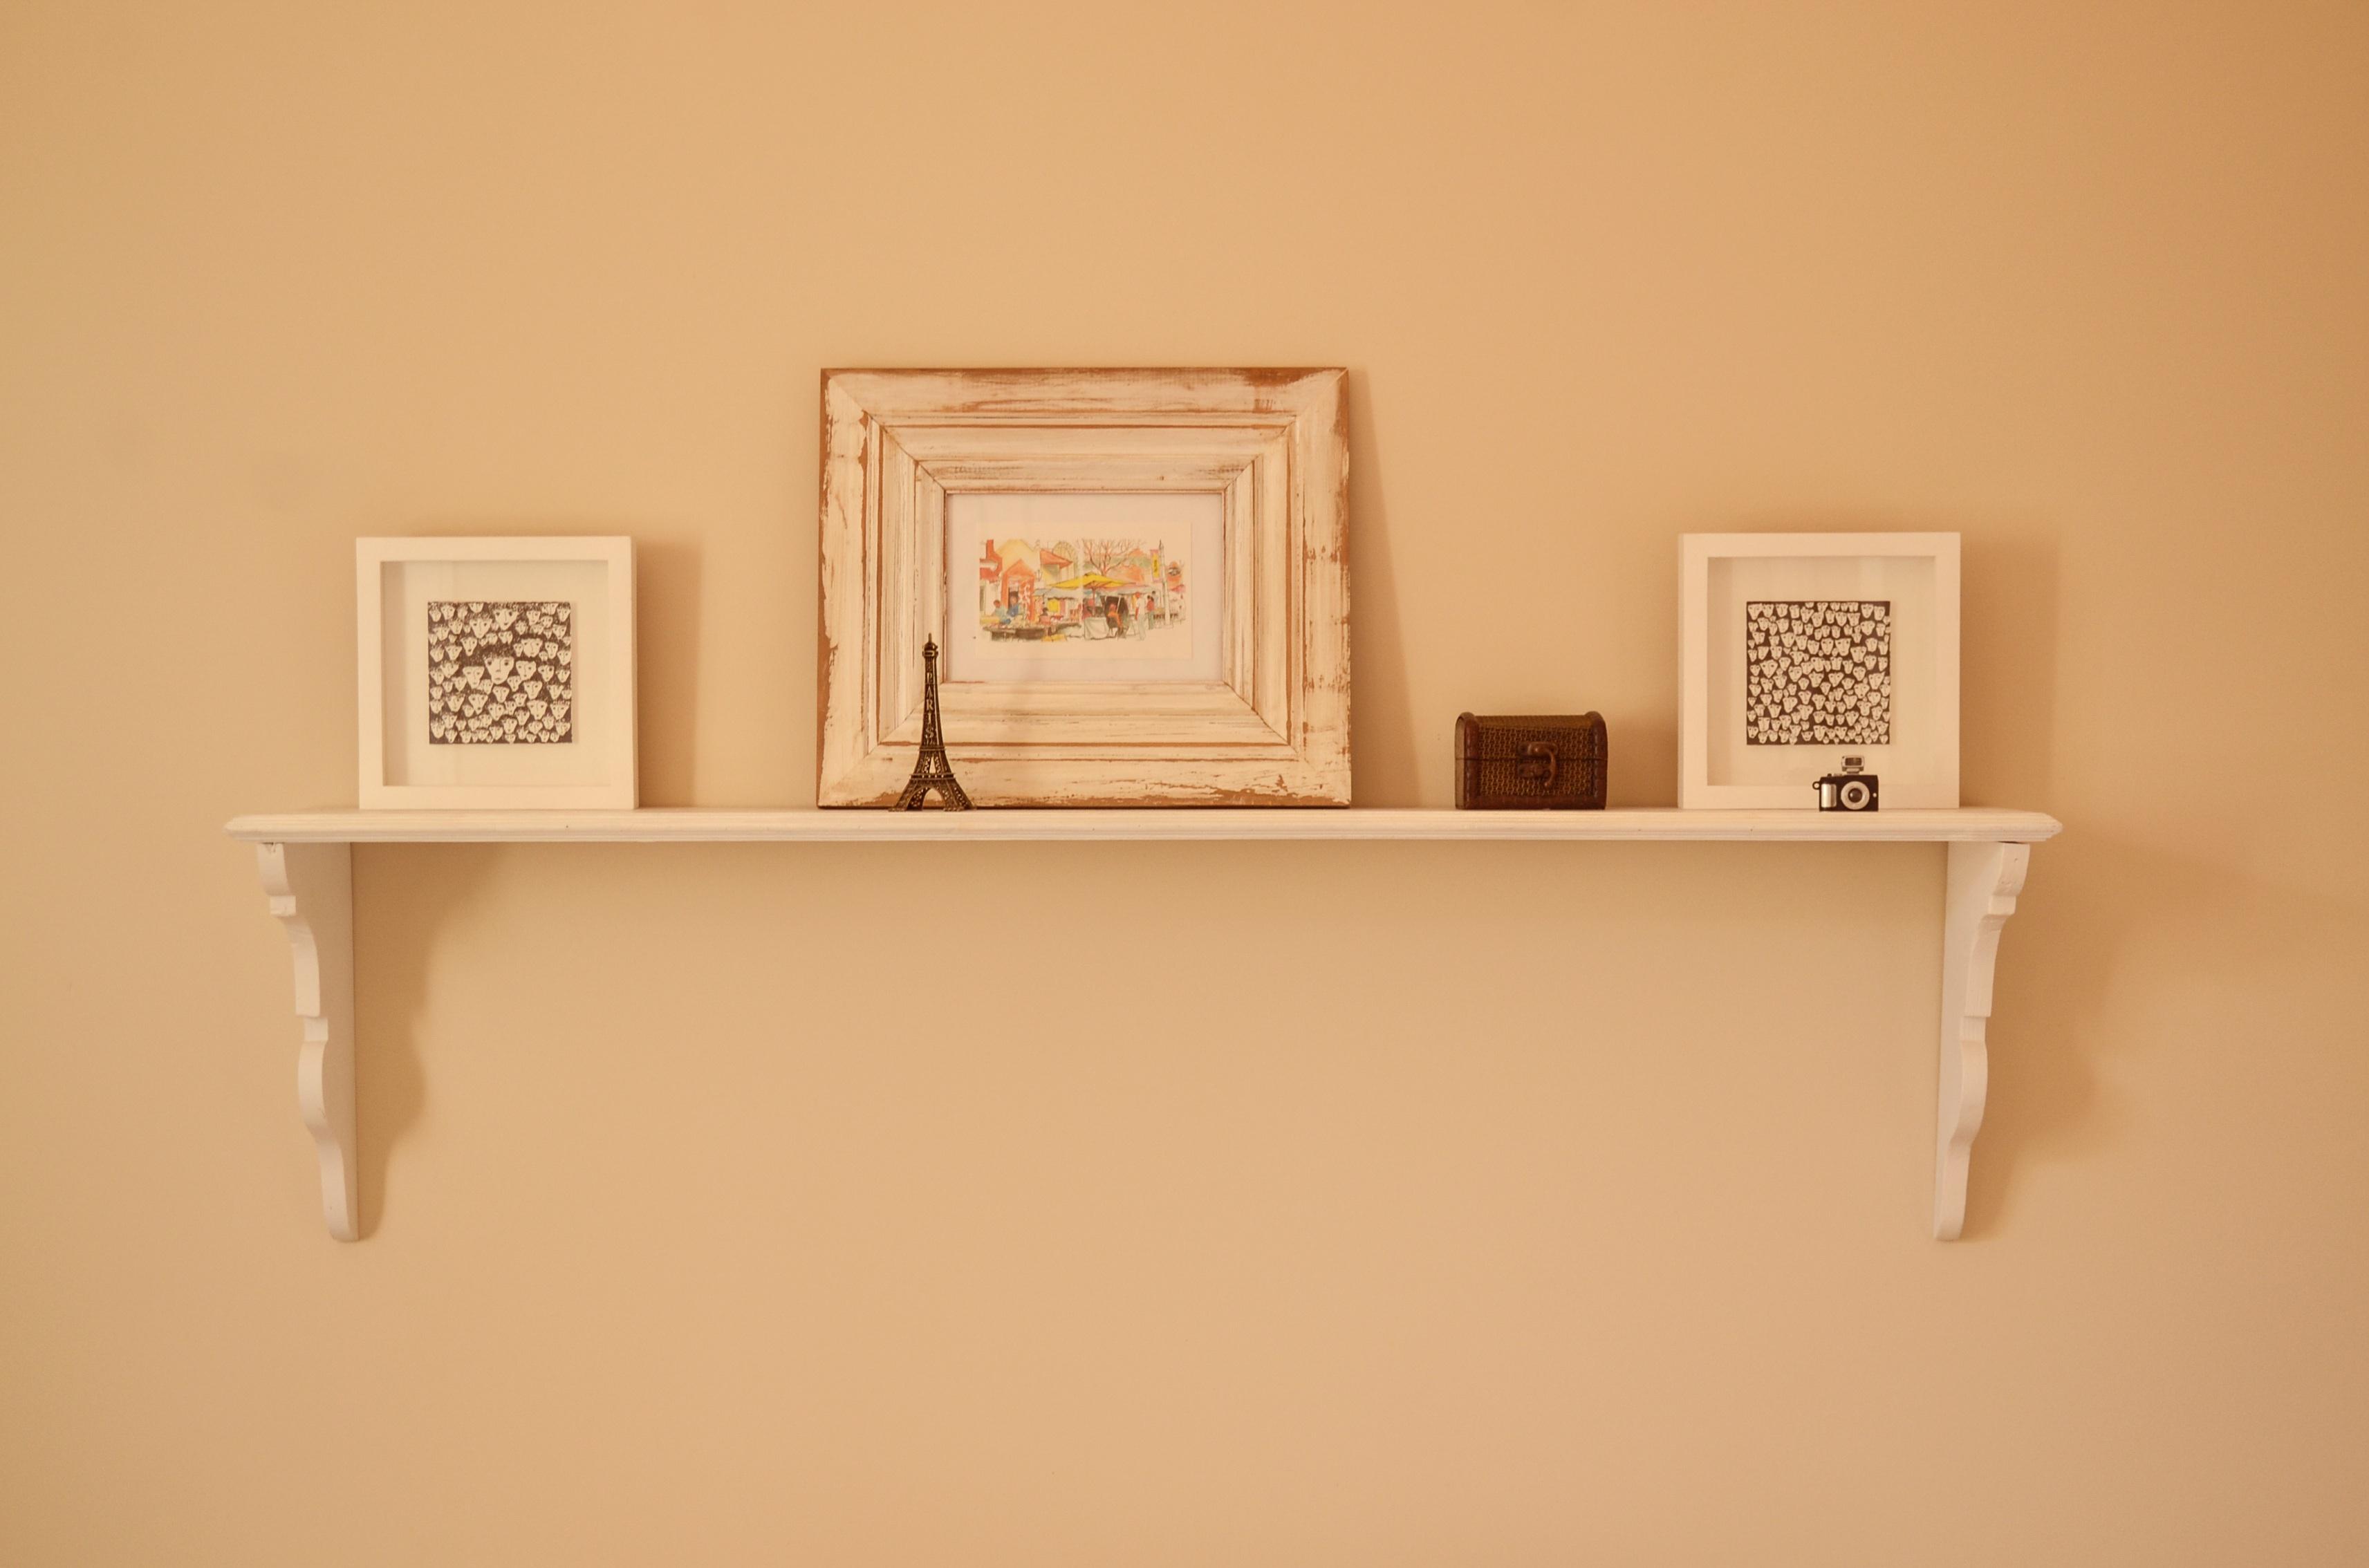 Fotos gratis : madera, pared, estante, mueble, habitación, marco ...